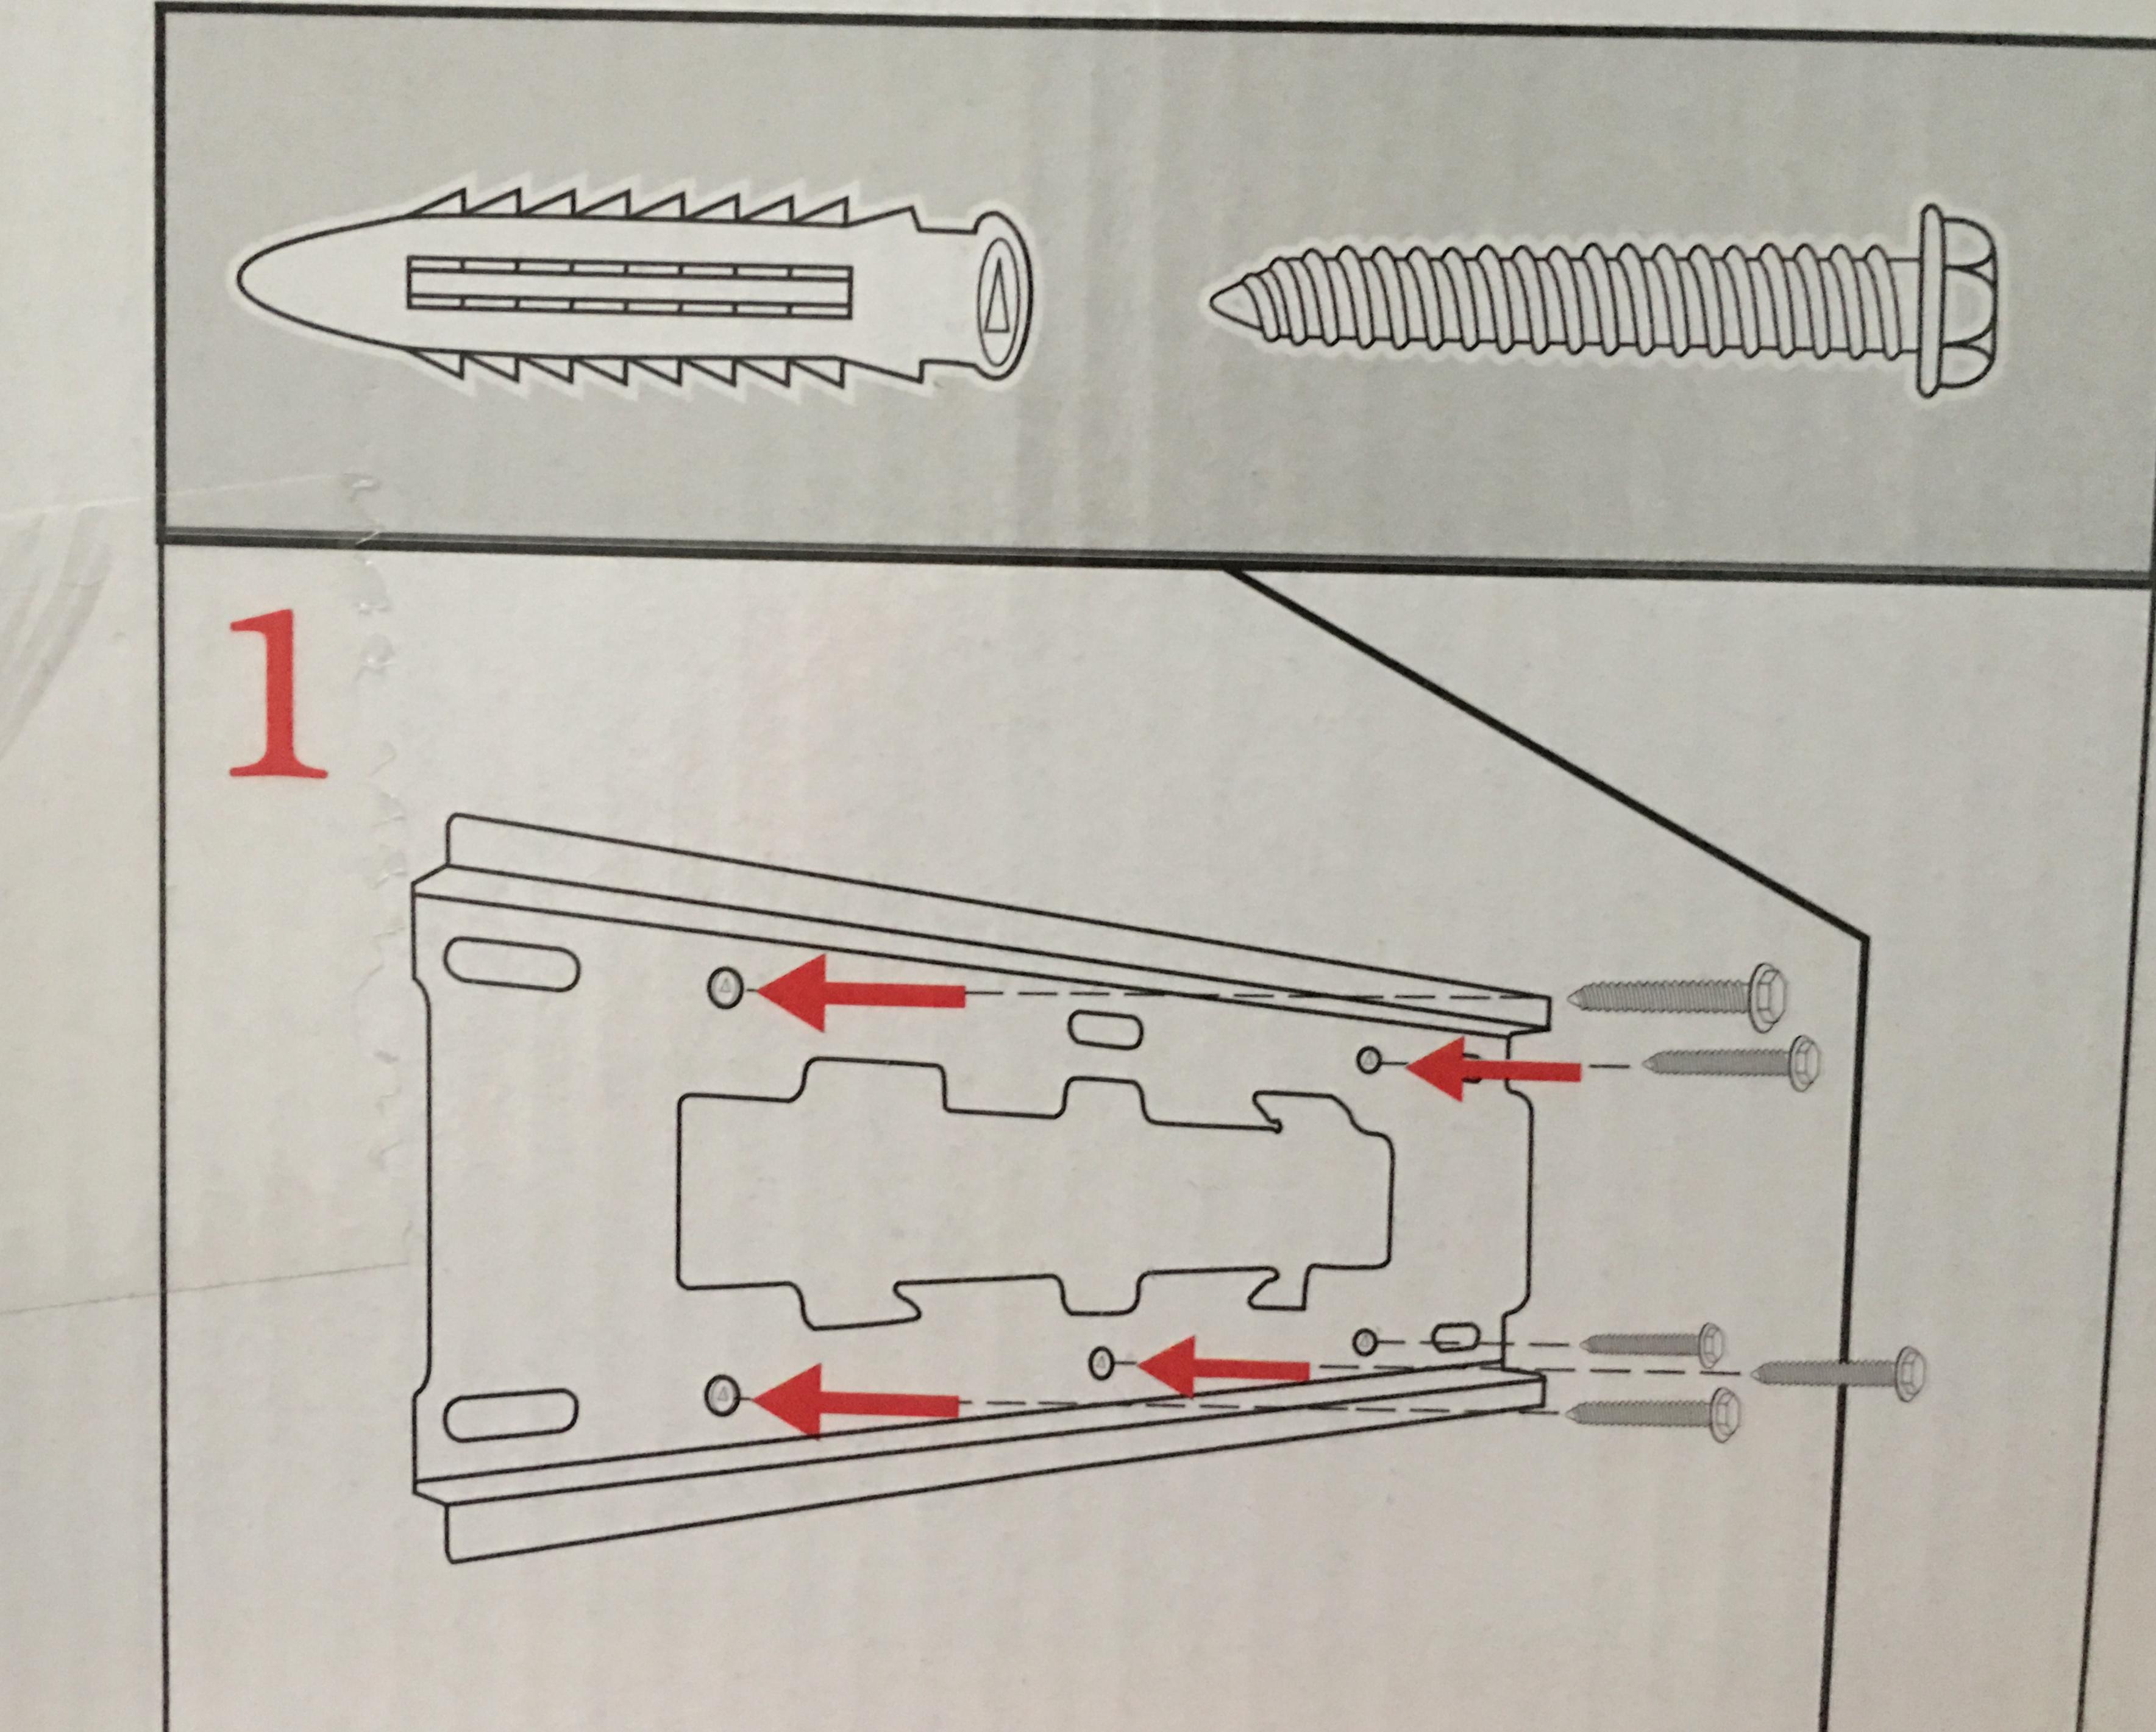 Khung treo tivi mâm áp tường 37 - 65 inch M65T - Hàng chính hãng